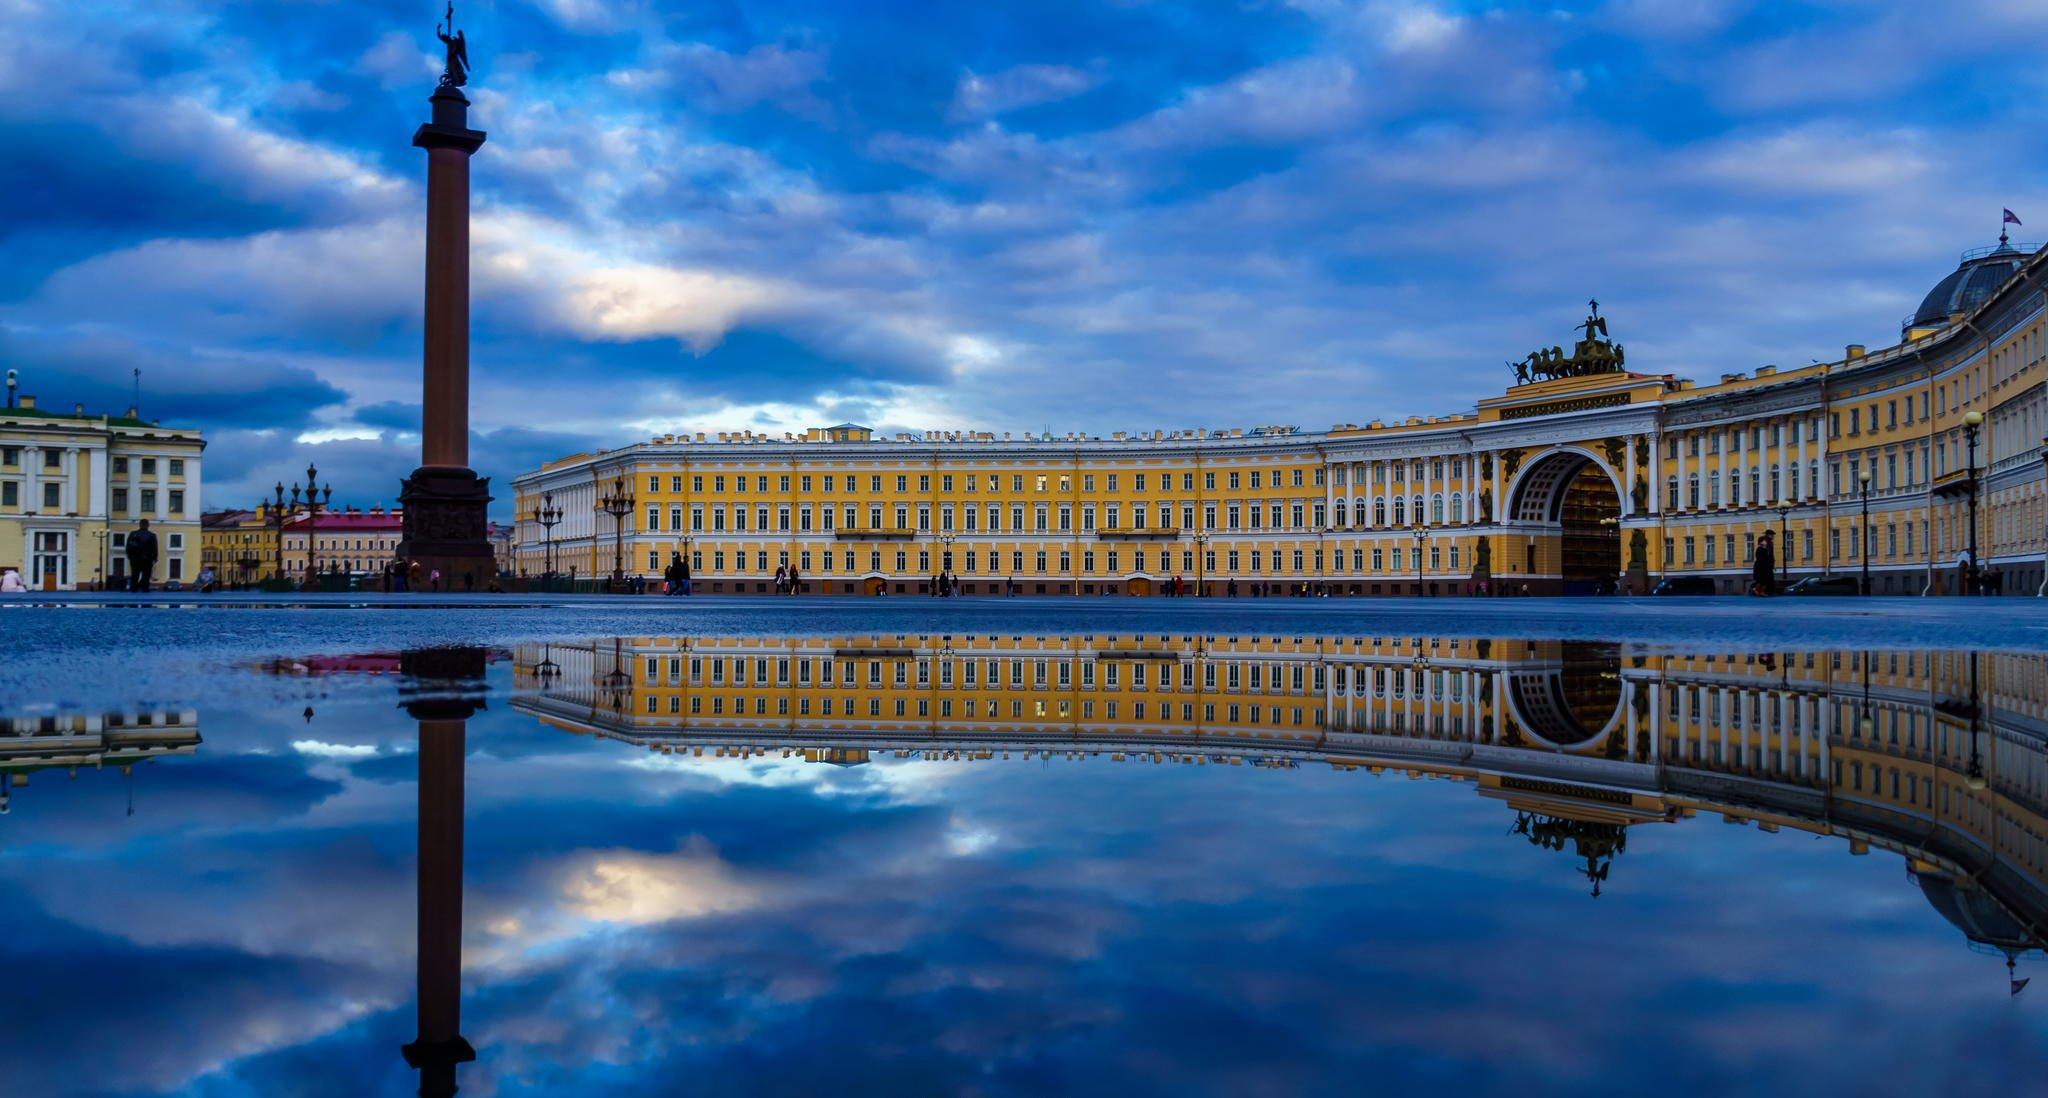 санкт-петербург питер россия дворцовая площадь HD обои для ...